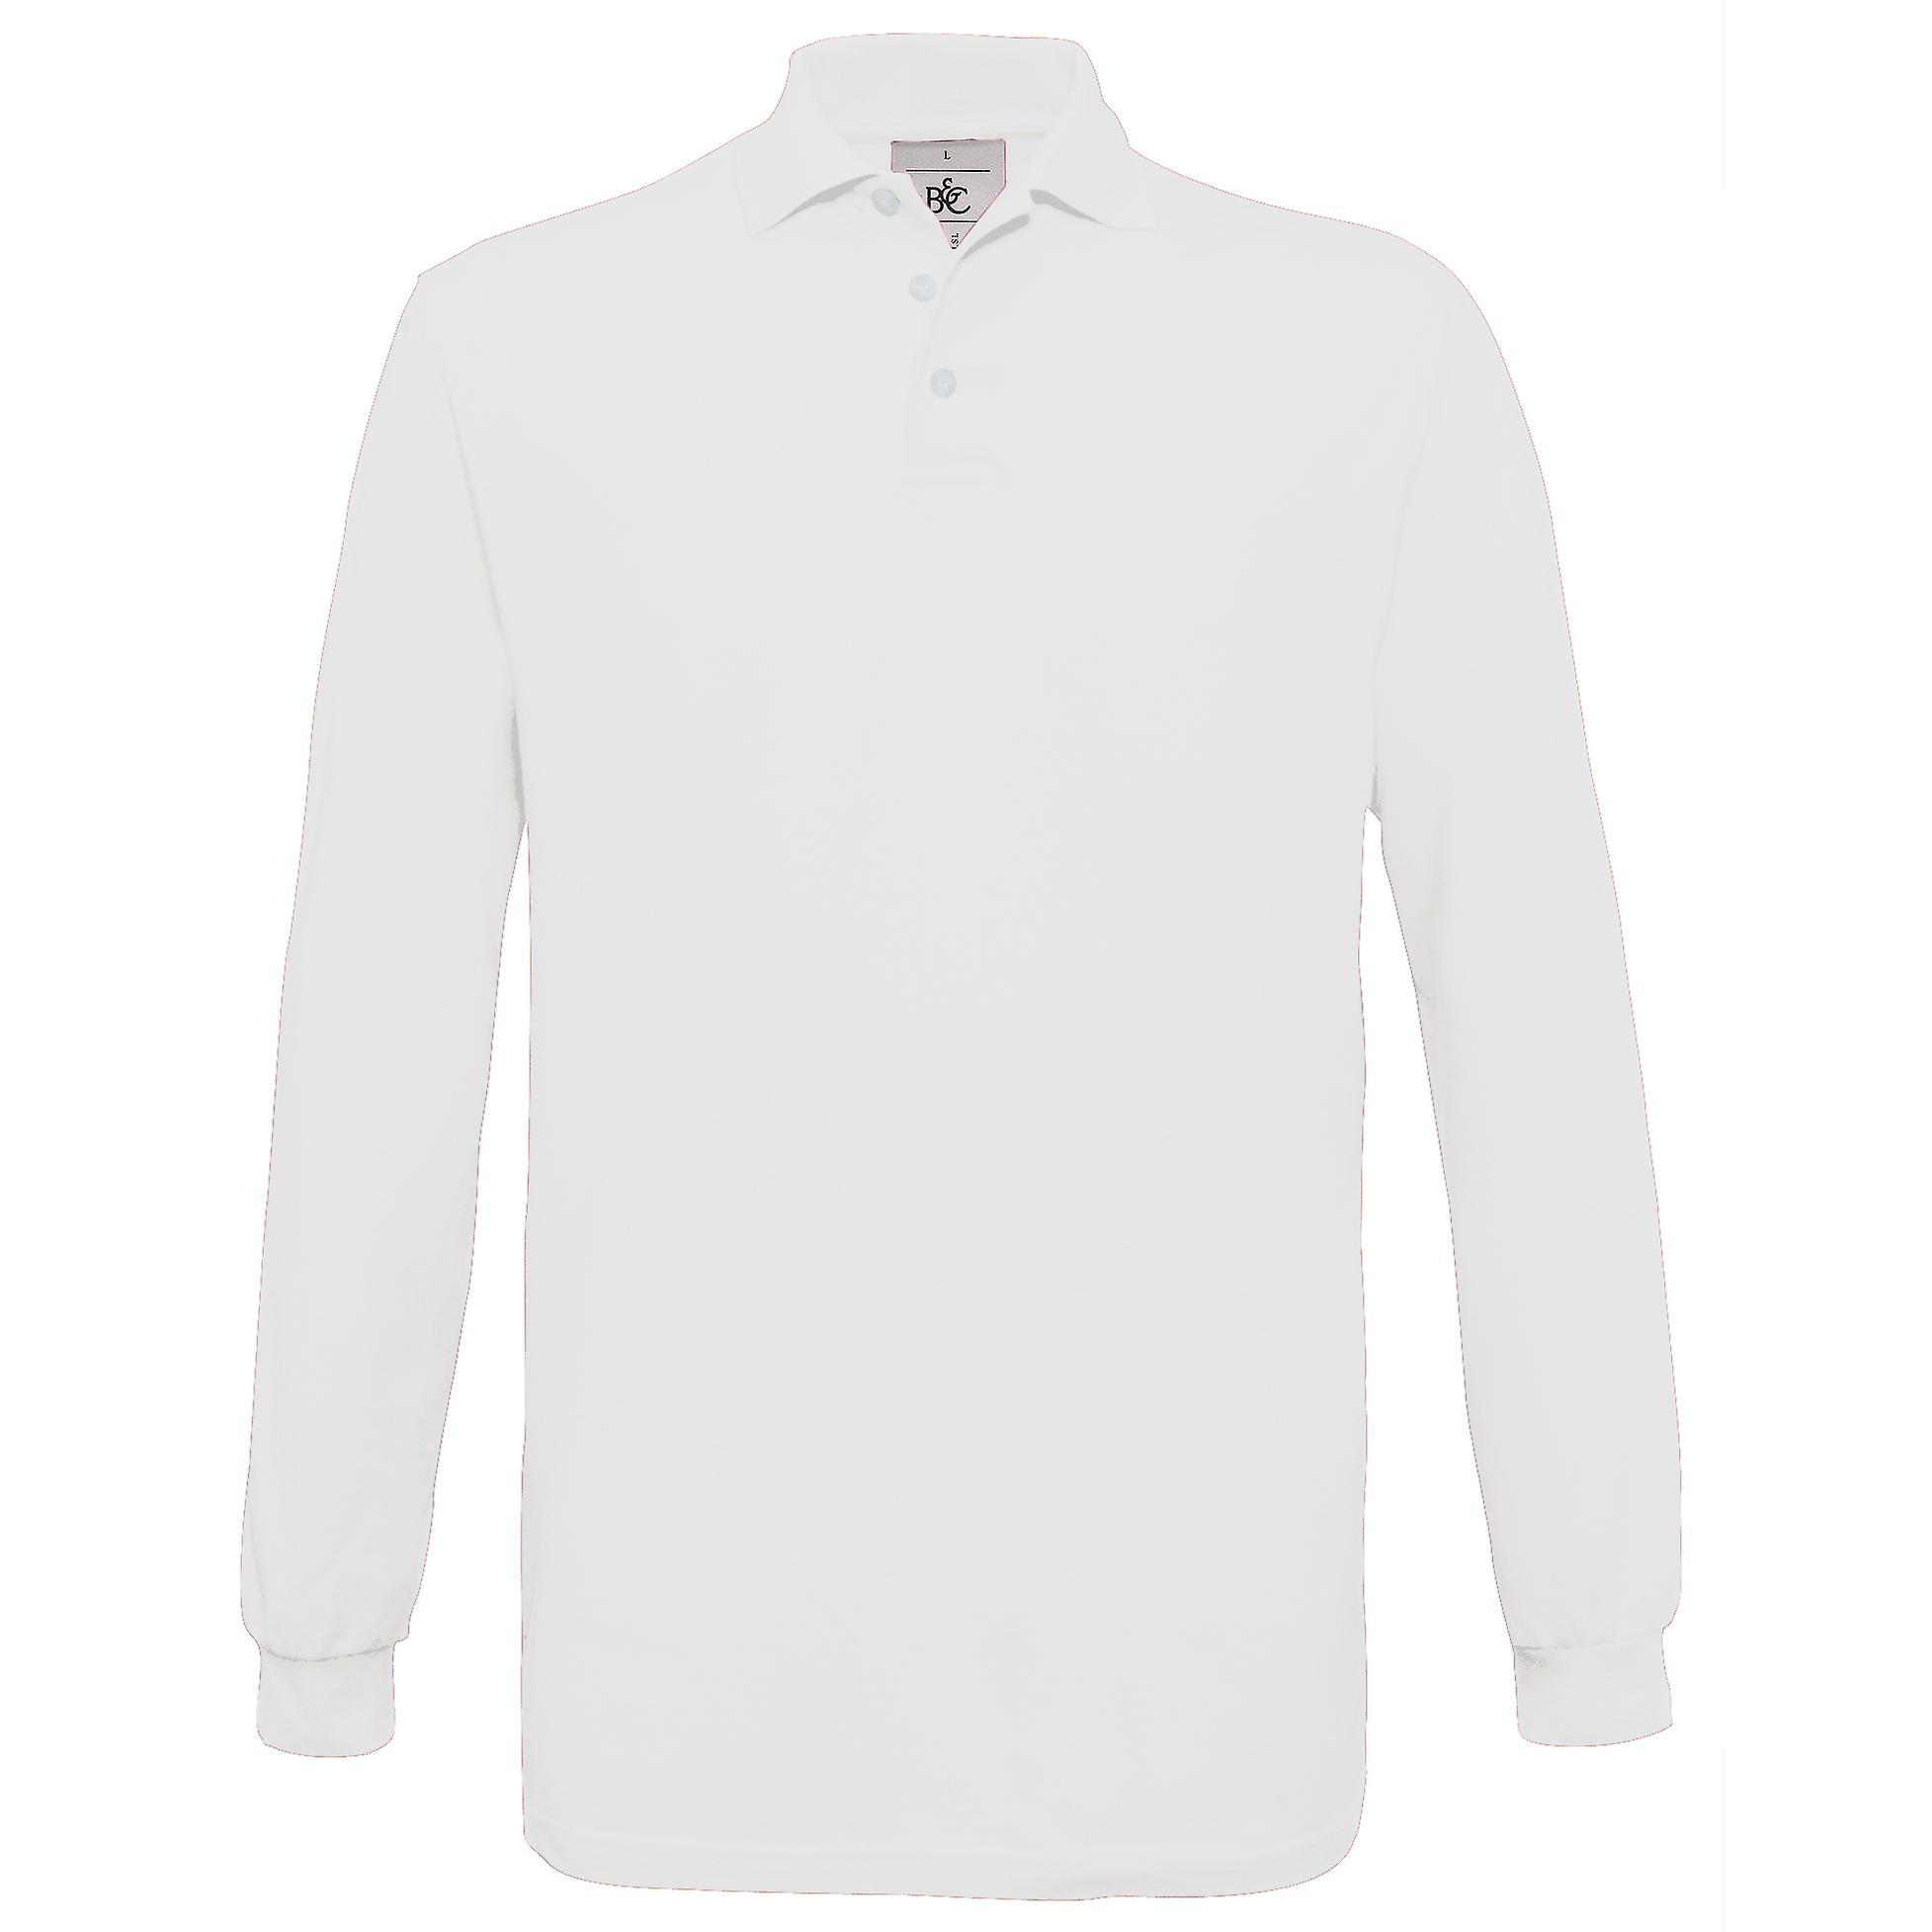 Bc Mens Safran Long Sleeve Cotton Polo Shirt